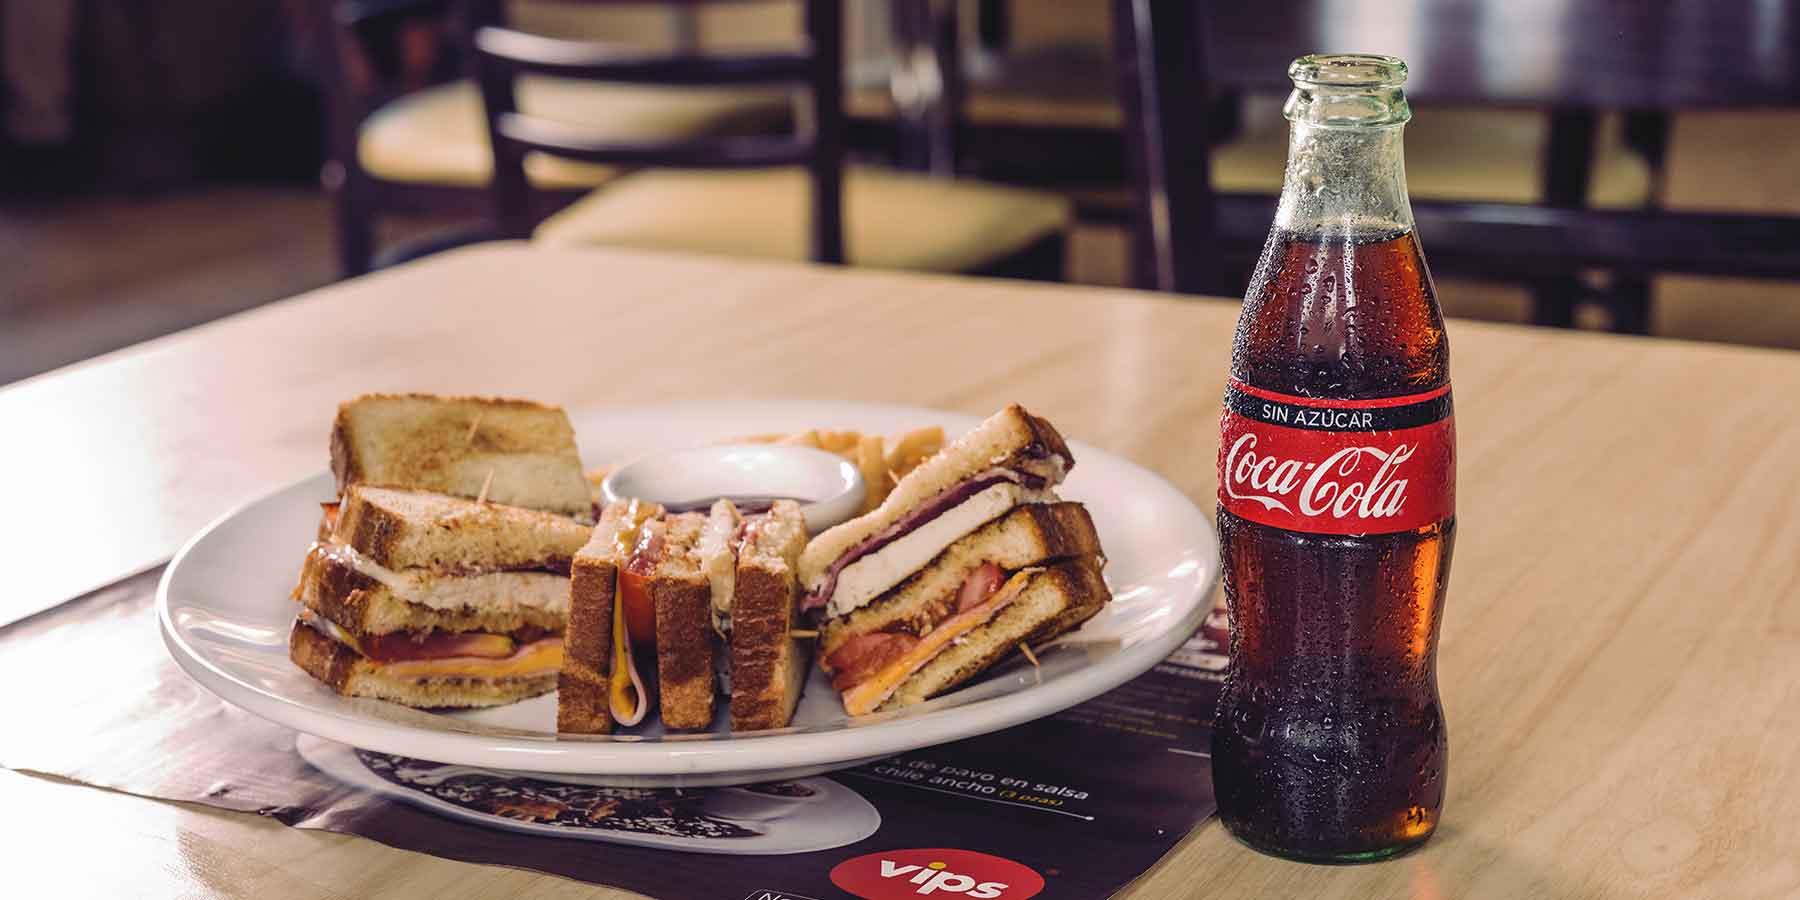 Vips: Vips Club gratis llevando a un acompañante y consumiendo Coca Cola sin azucar